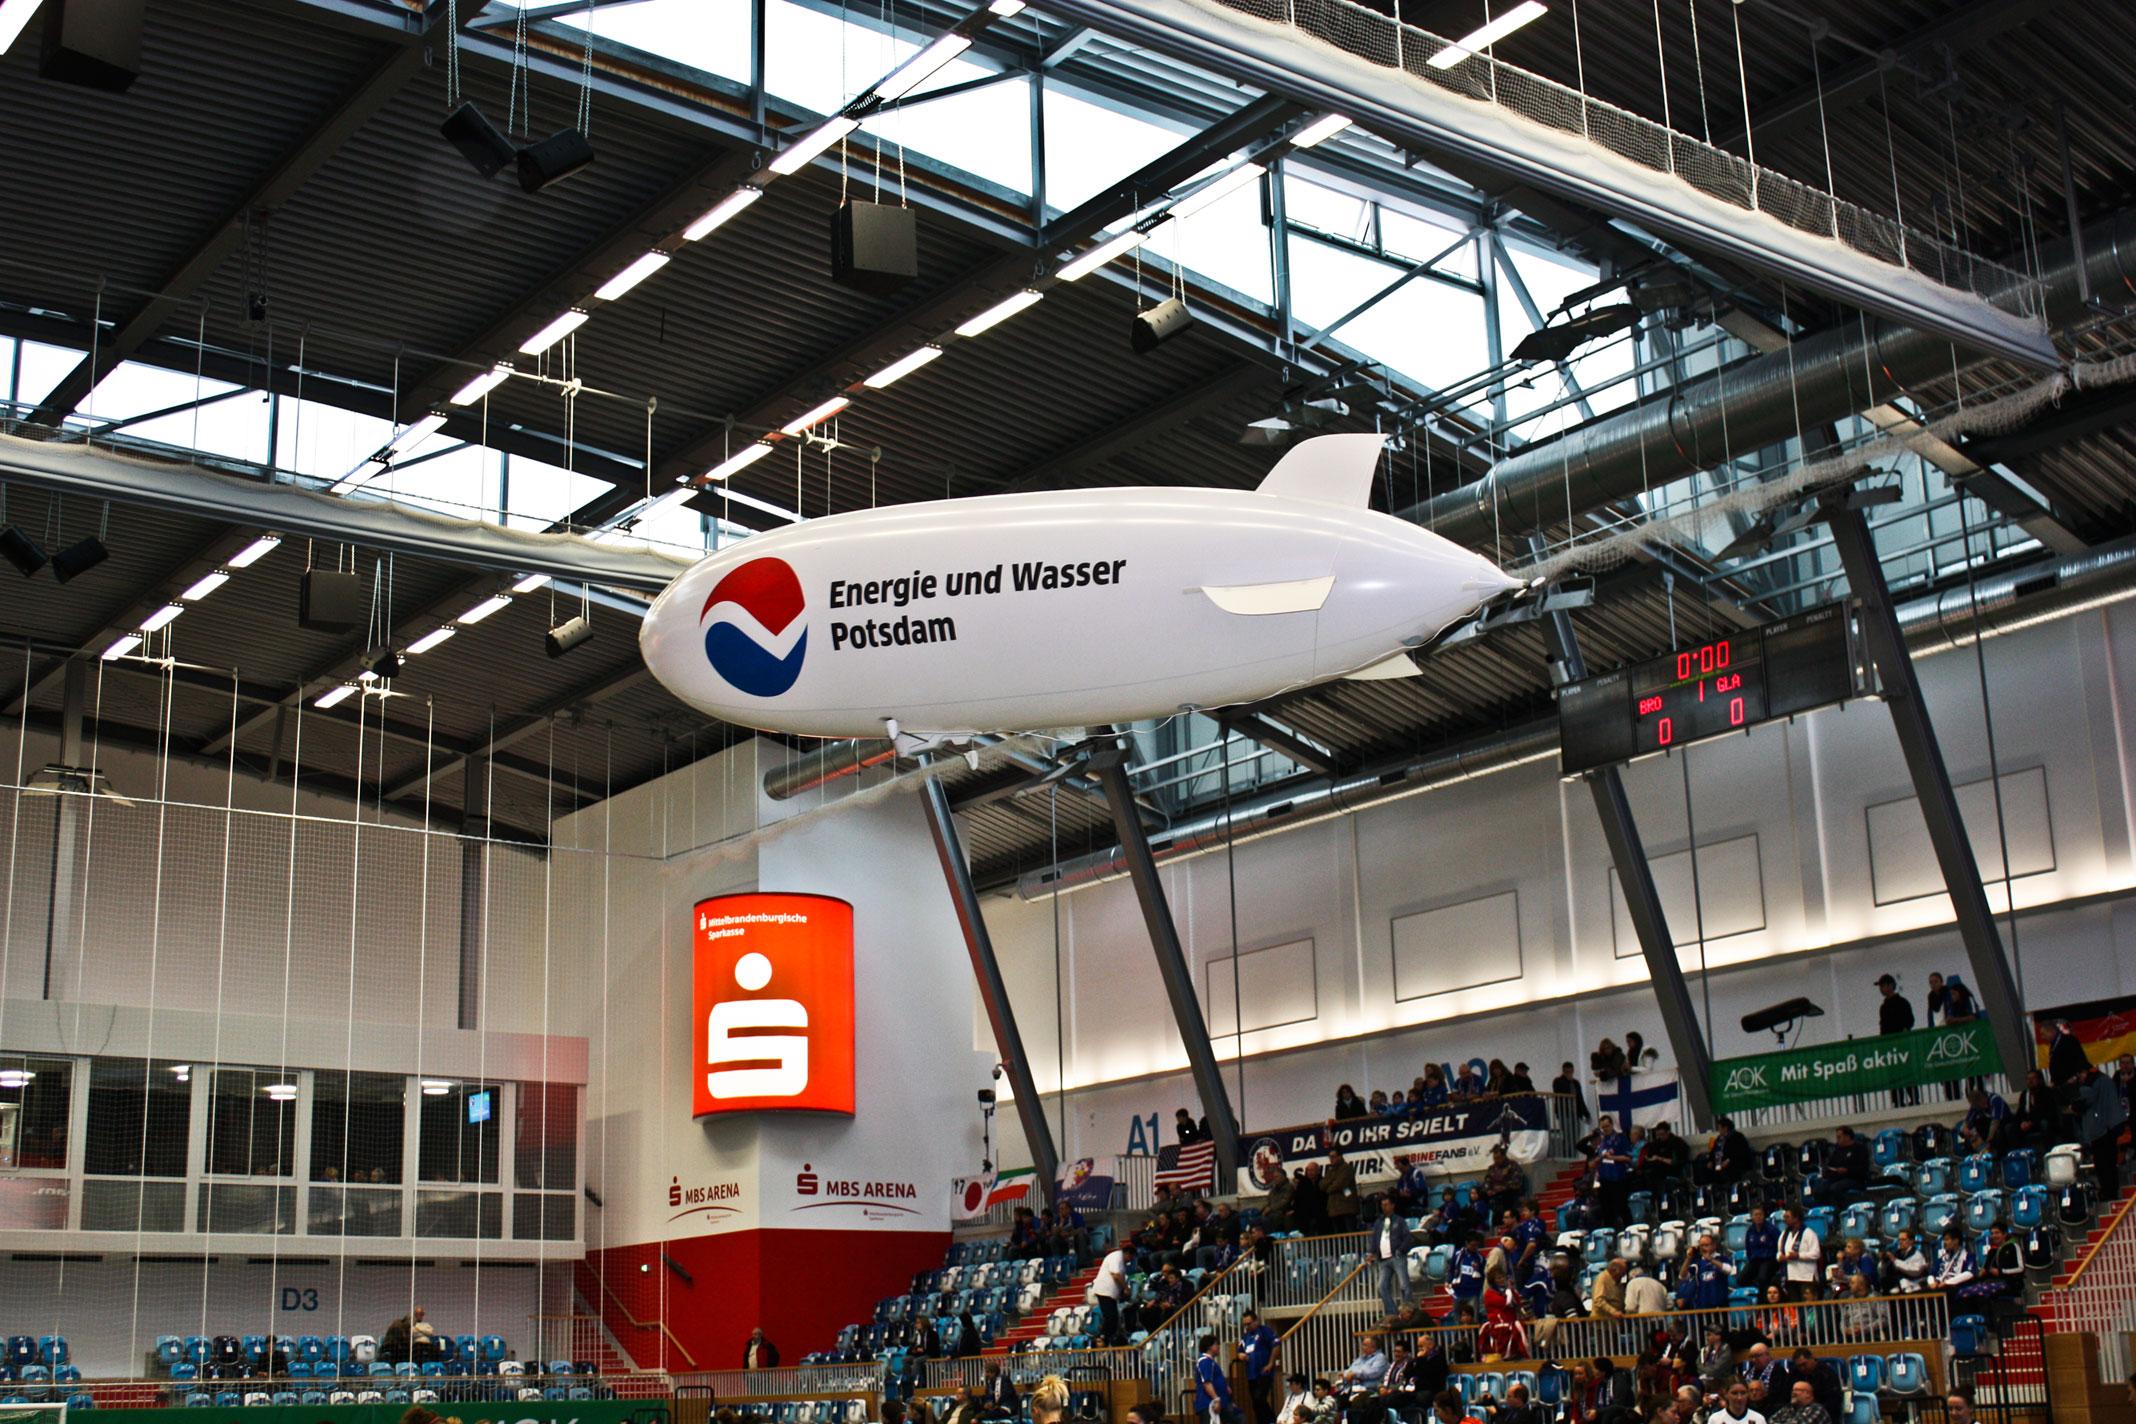 Indoorluftschiff für Sporthallen